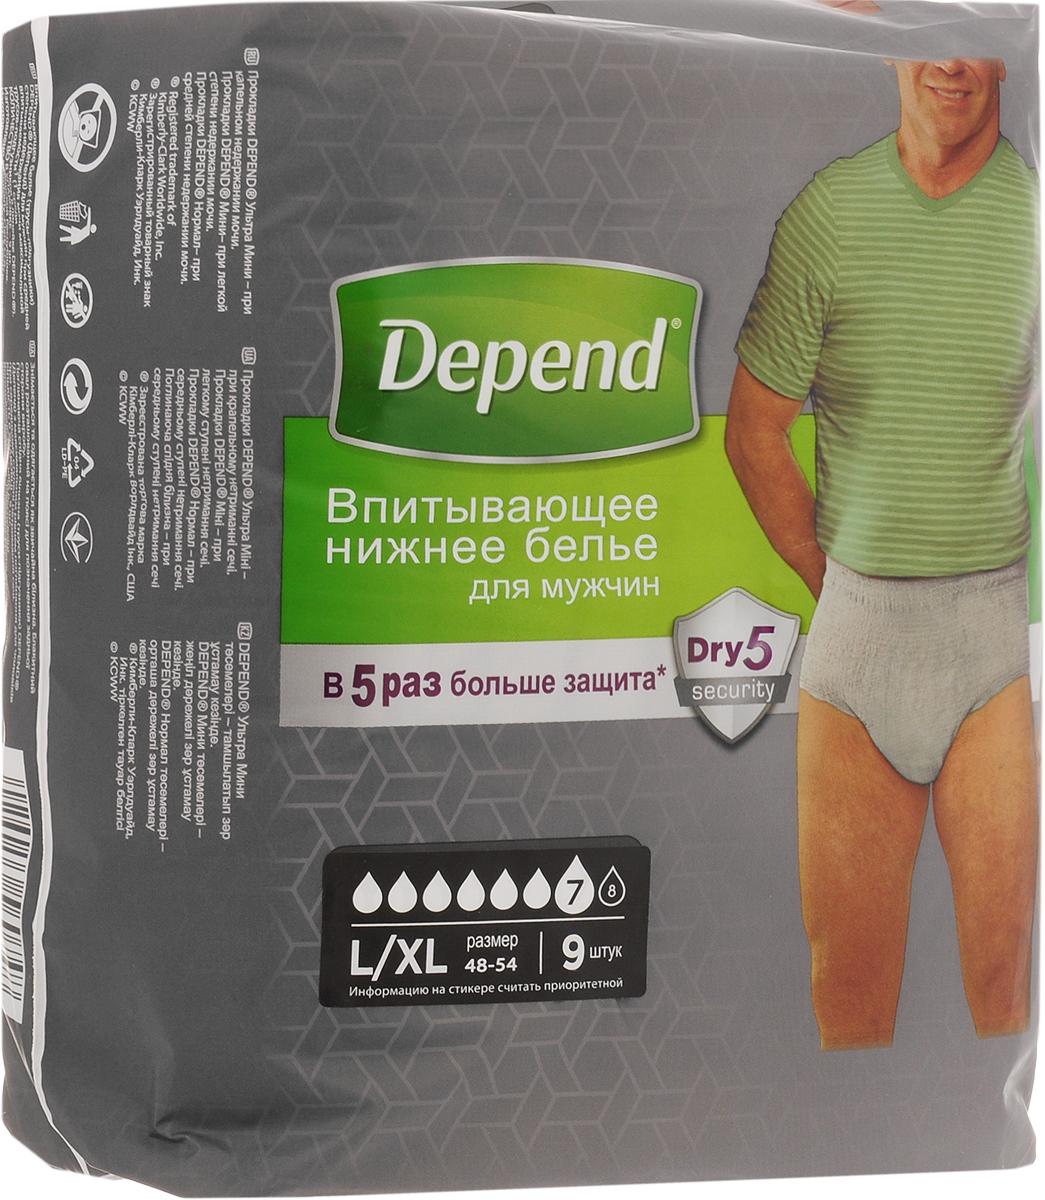 Depend Белье мужское впитывающее L/XL (48-54) 9 штМТ-10MHНовое впитывающее белье Depend создано специально для мужчин с учетом анатомических особенностей тела. Оно способно не только защитить Вас в течение всего дня, но и подарить комфорт в ношении как у нижнего белья!Преимущества: • В 5 раз больше защита• Незаметно под одеждой • Мягкое и удобное стретч-облегание • С низкой талиейDepend защищает в 5 раз надежнее, чем прокладка.